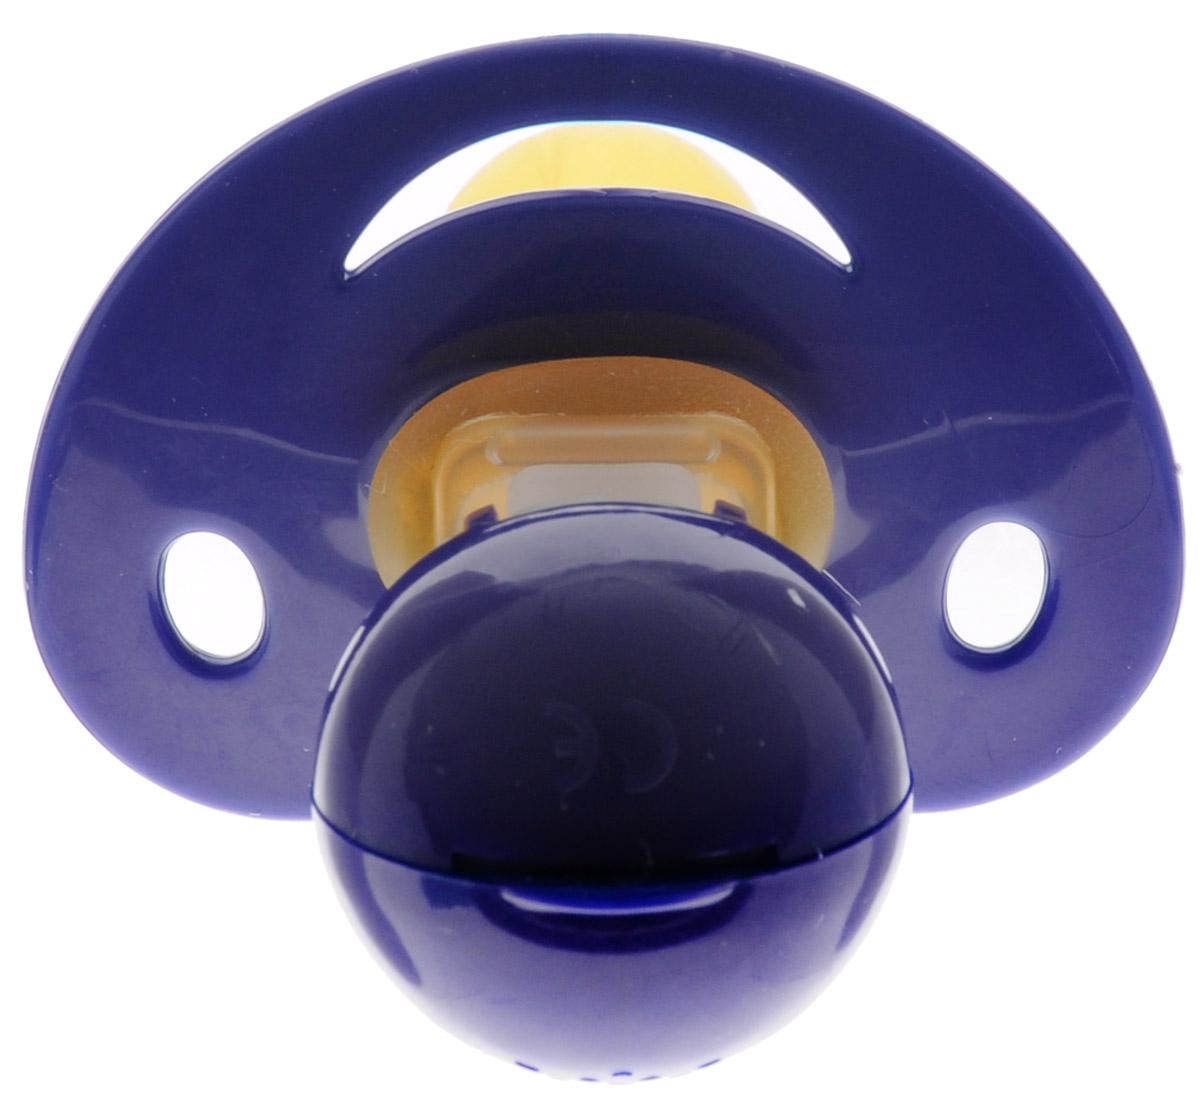 Baby-Frank Пустышка латексная для ингаляции от 0 до 6 месяцев цвет темно-синий204888_темно-синийЛатексная пустышка для ингаляции Baby-Frank с соской формы вишня из натурального латекса повышенной мягкости предназначена для детей от 0 до 6 месяцев. Применяется в качестве дополнительной помощи при насморке. Состоит из соски, диска-нагубника, шарнира, емкости для ваты с перфорированной крышечкой. В то время, как малыш сосет пустышку, он одновременно вдыхает эфирные масла, что способствует очищению дыхательных путей. Успокаивающий эффект при сосании. Отсутствует опасность проглотить разборные части. Пригодна для кипячения.